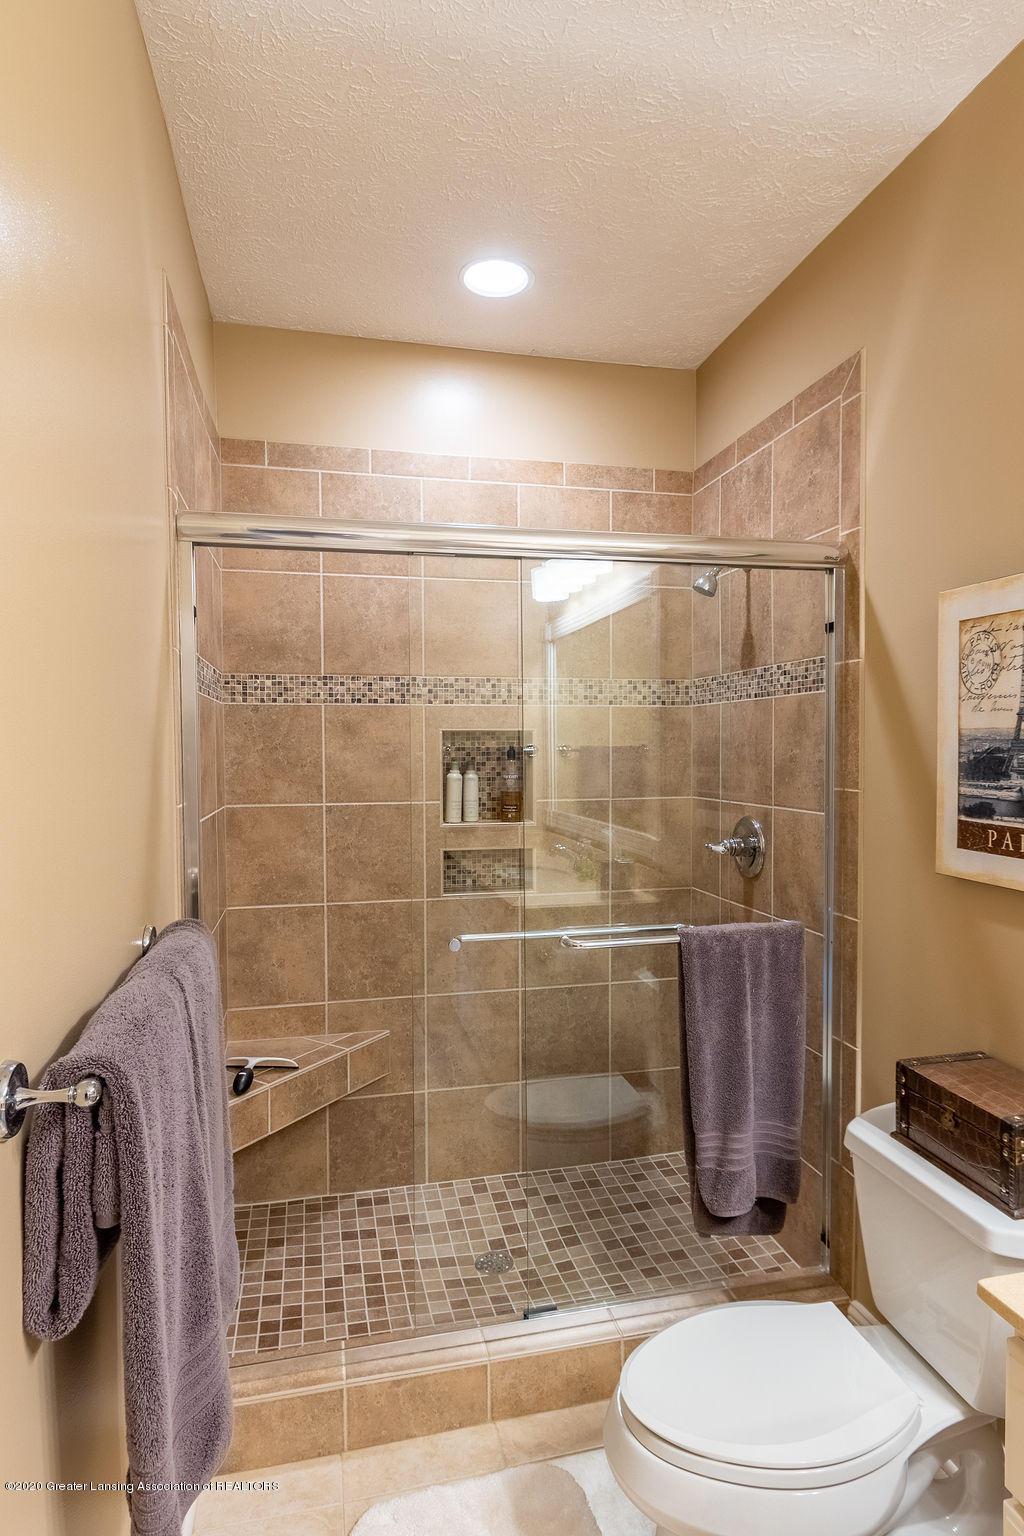 6198 Graebear Trail 56 - Tiled shower - 43